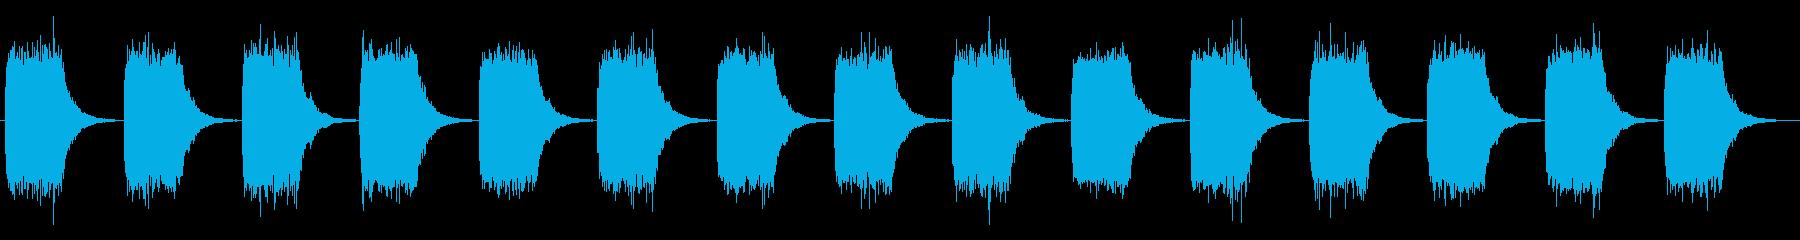 緊迫感のあるブザー音_警告音の再生済みの波形